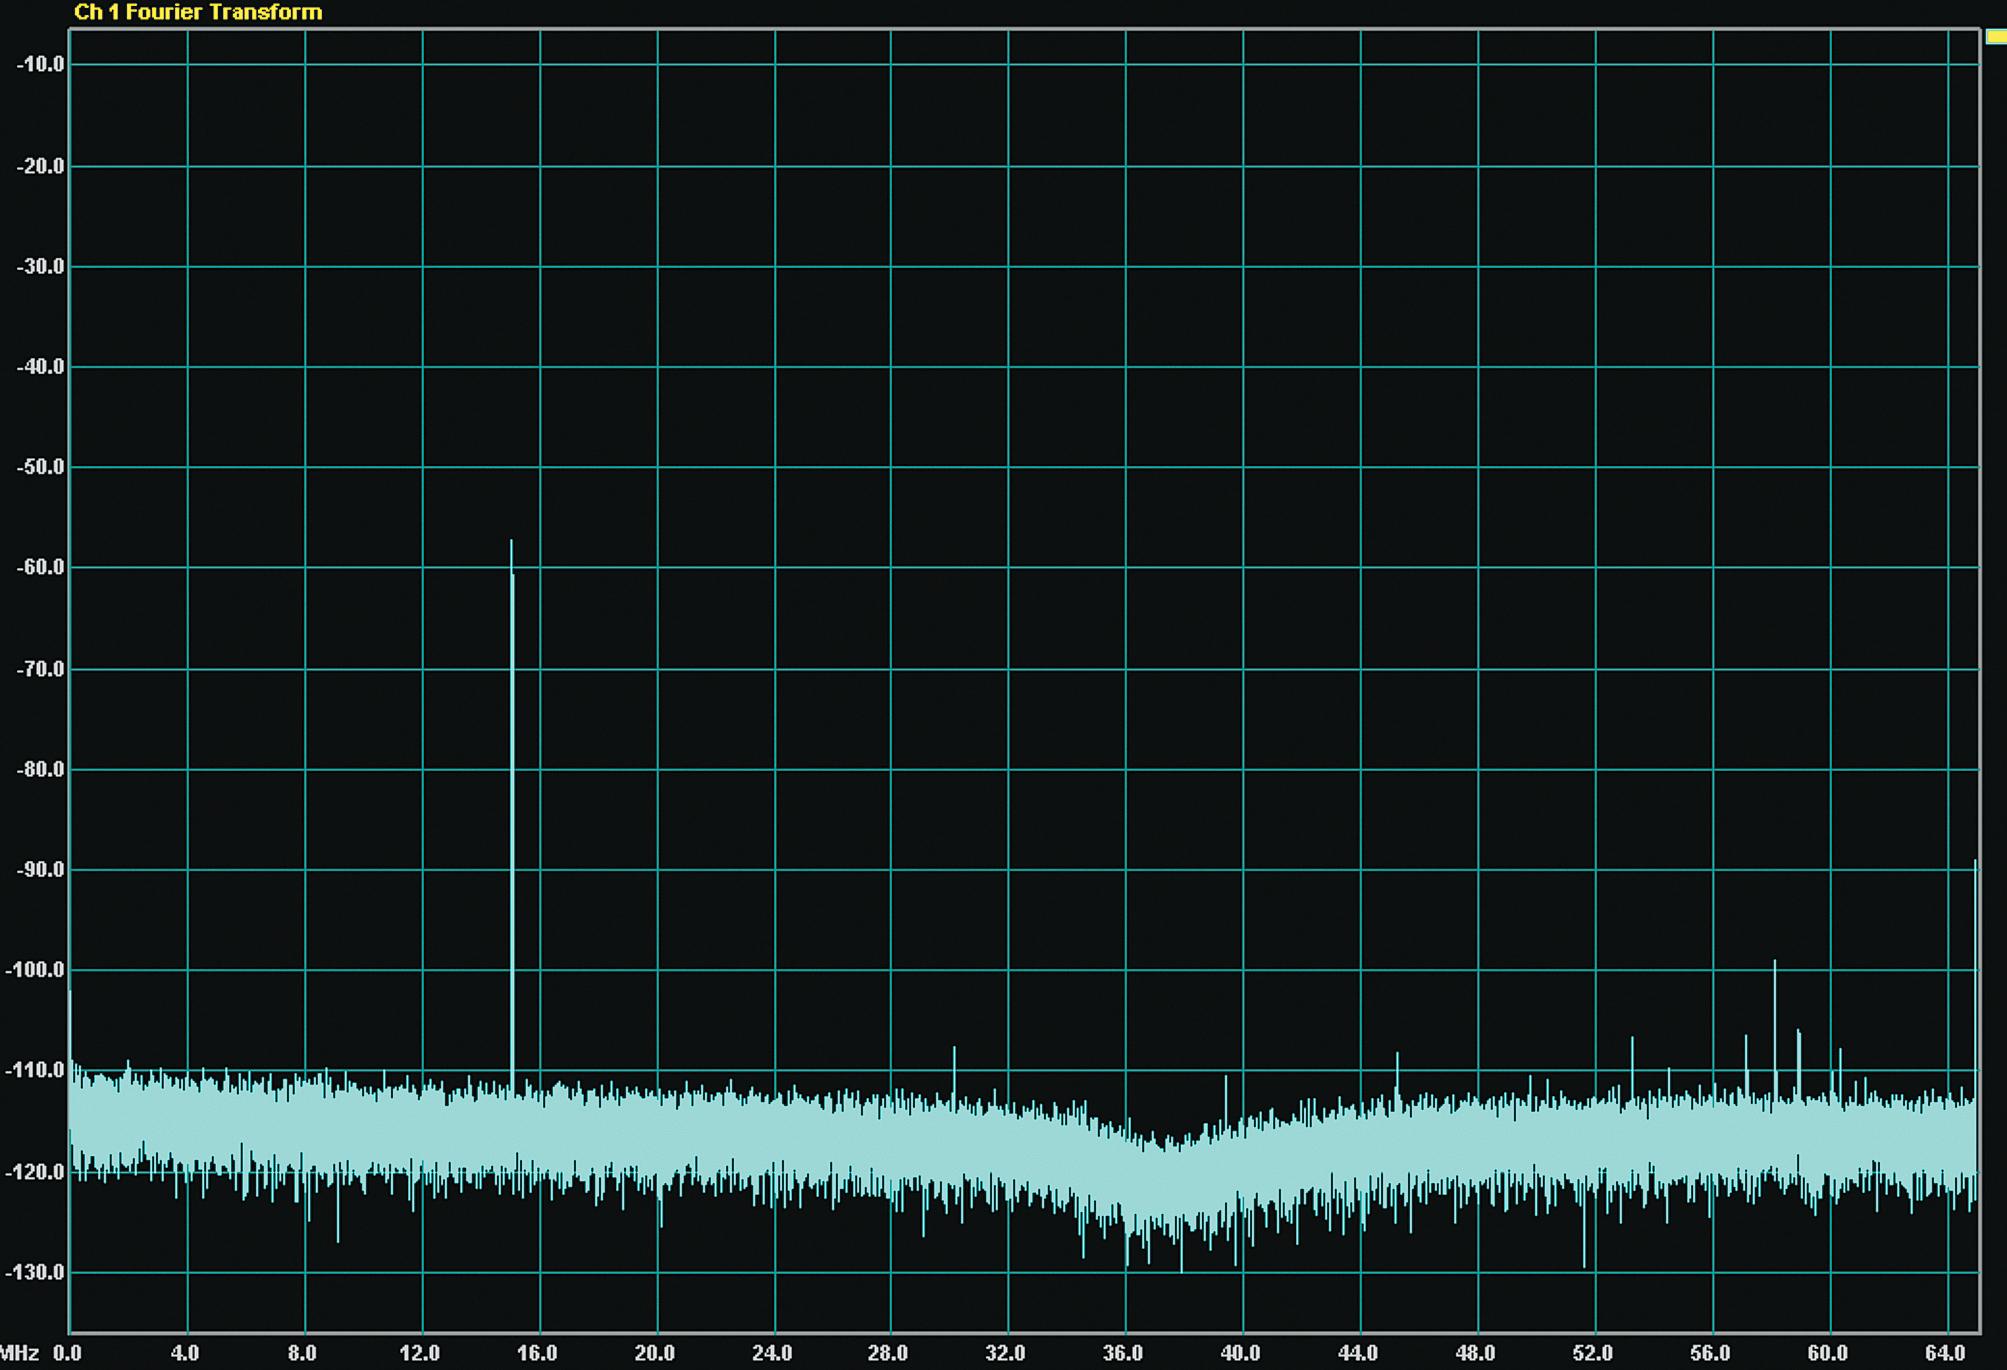 Результат преобразования гармонического сигнала: f = 15,1 МГц; U = 1 мВ. Режим Dither включен